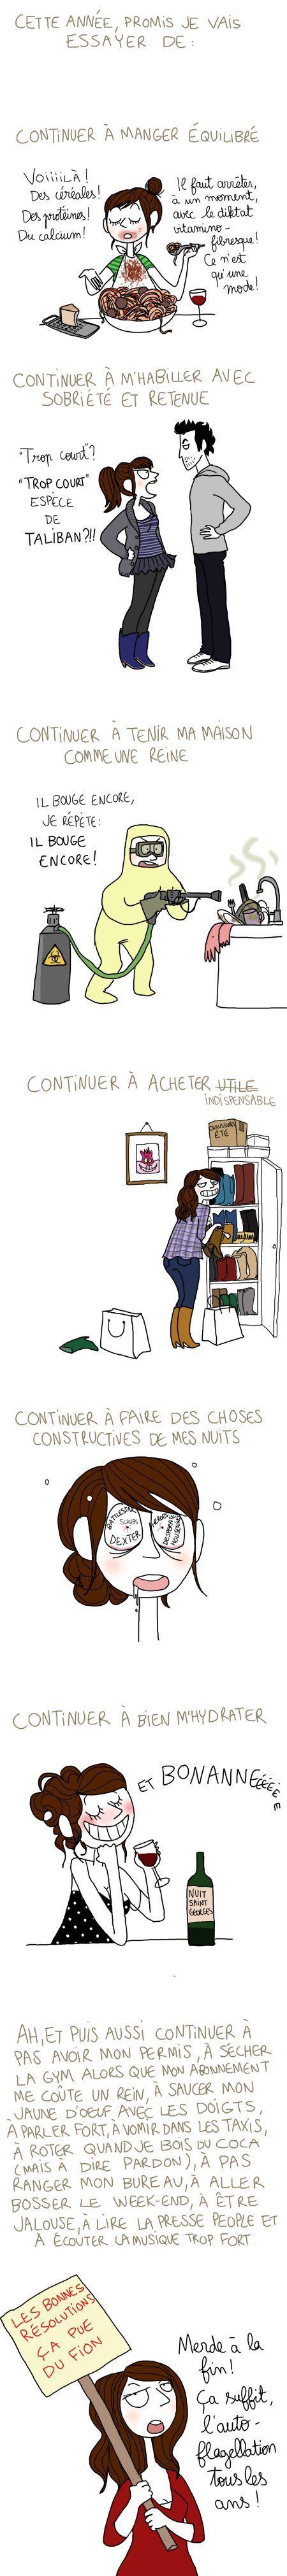 - les bonnes résolutions, by Pénélope Bagieu -: